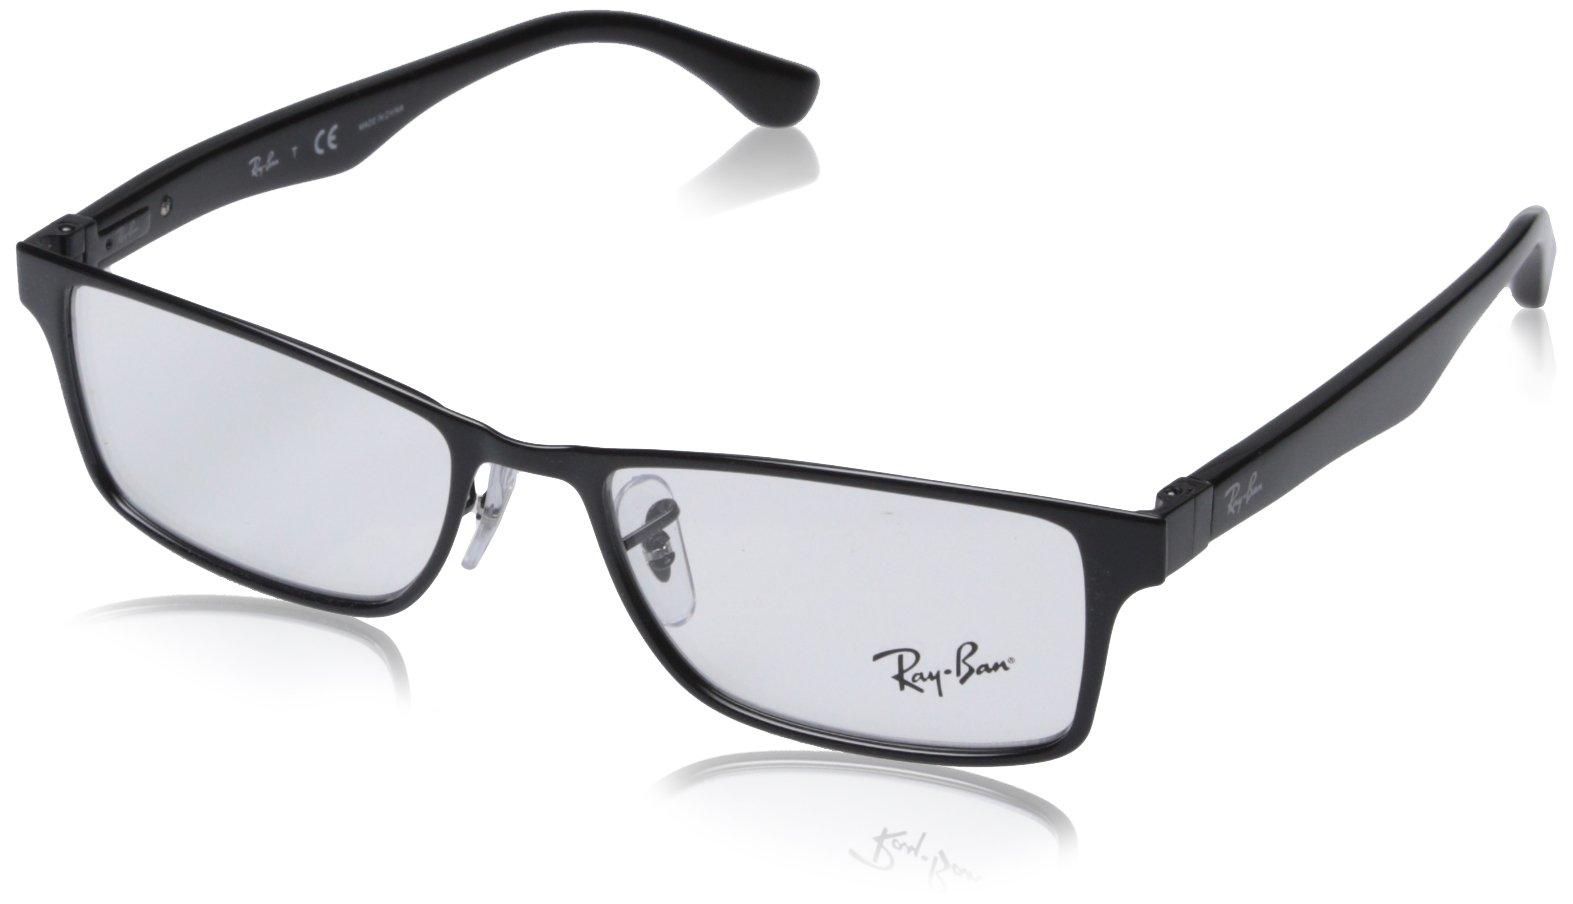 Ray-Ban RX6238 Eyeglasses Shiny Black 55mm